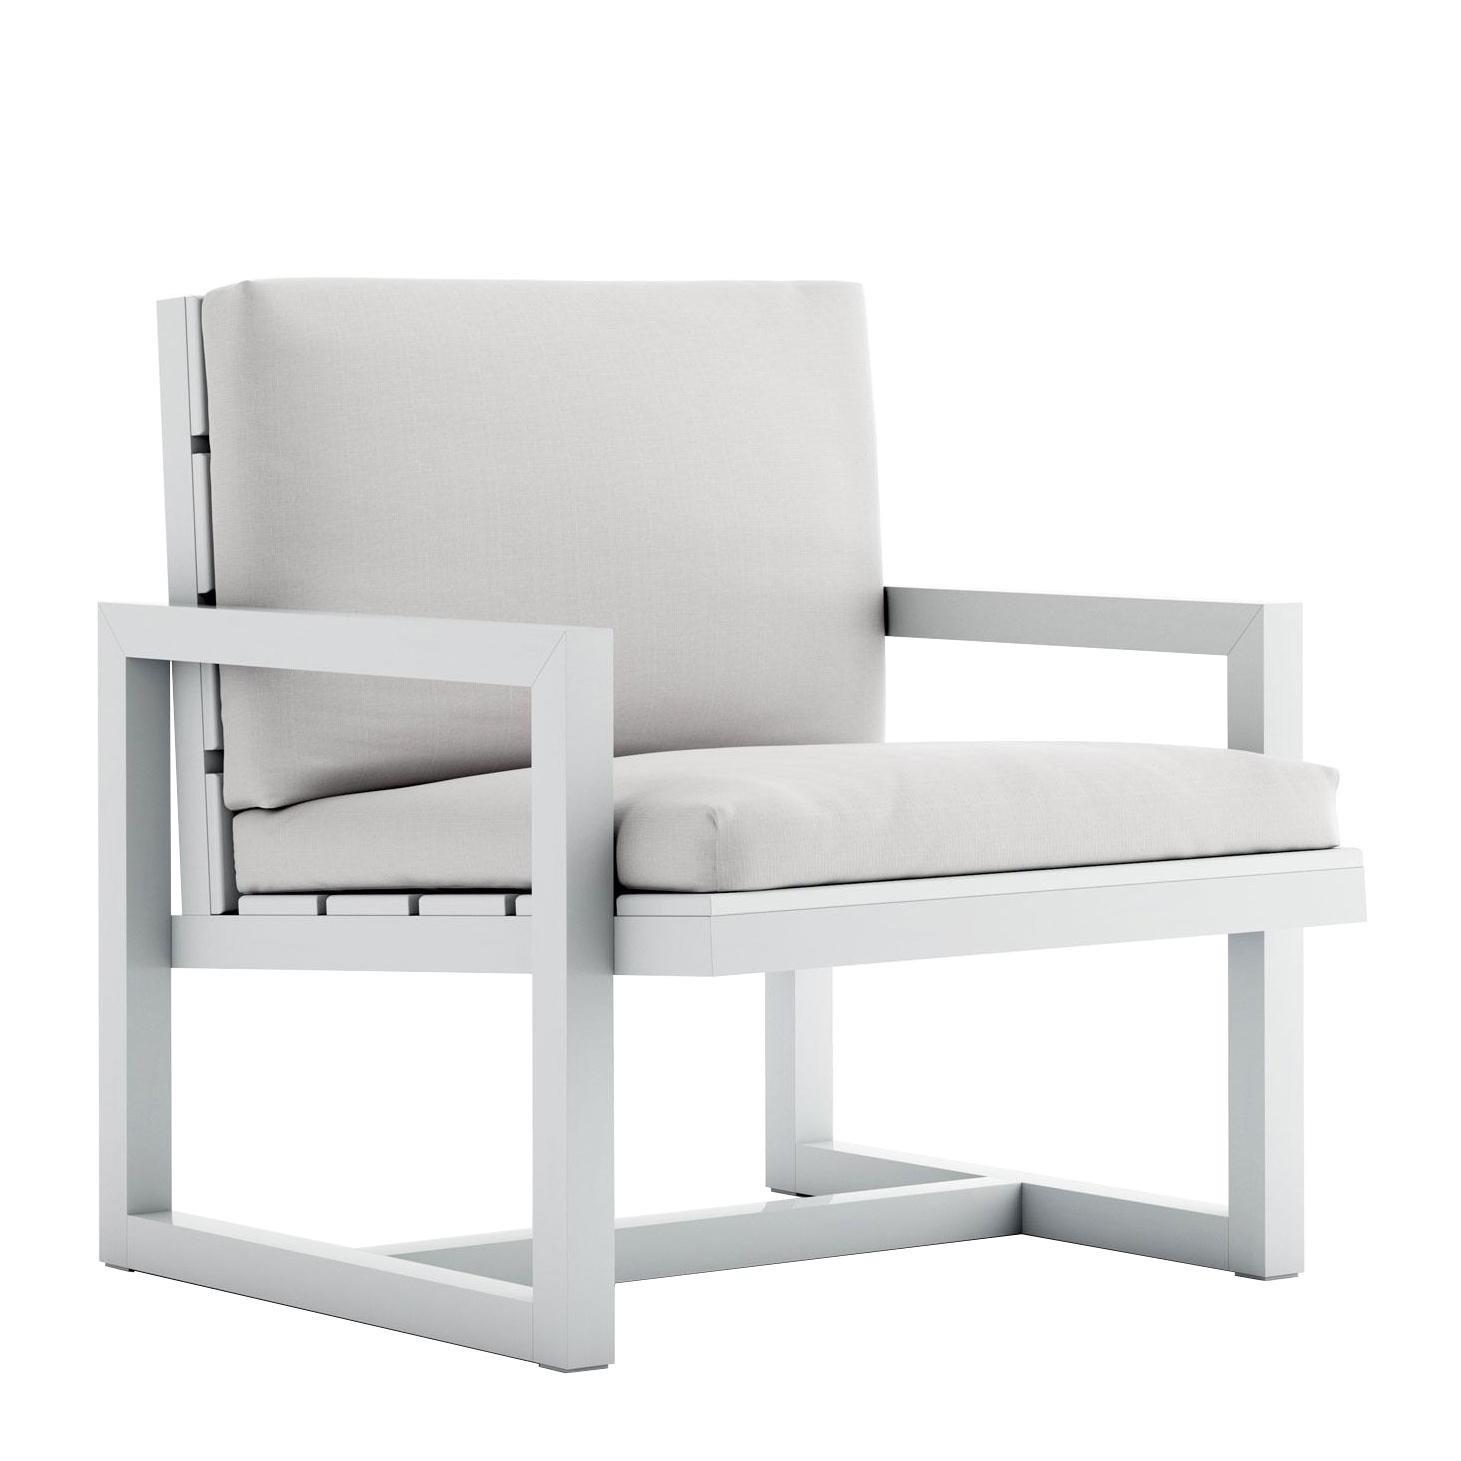 gandia blasco clack chair baby high 3 months saler garden armchair ambientedirect